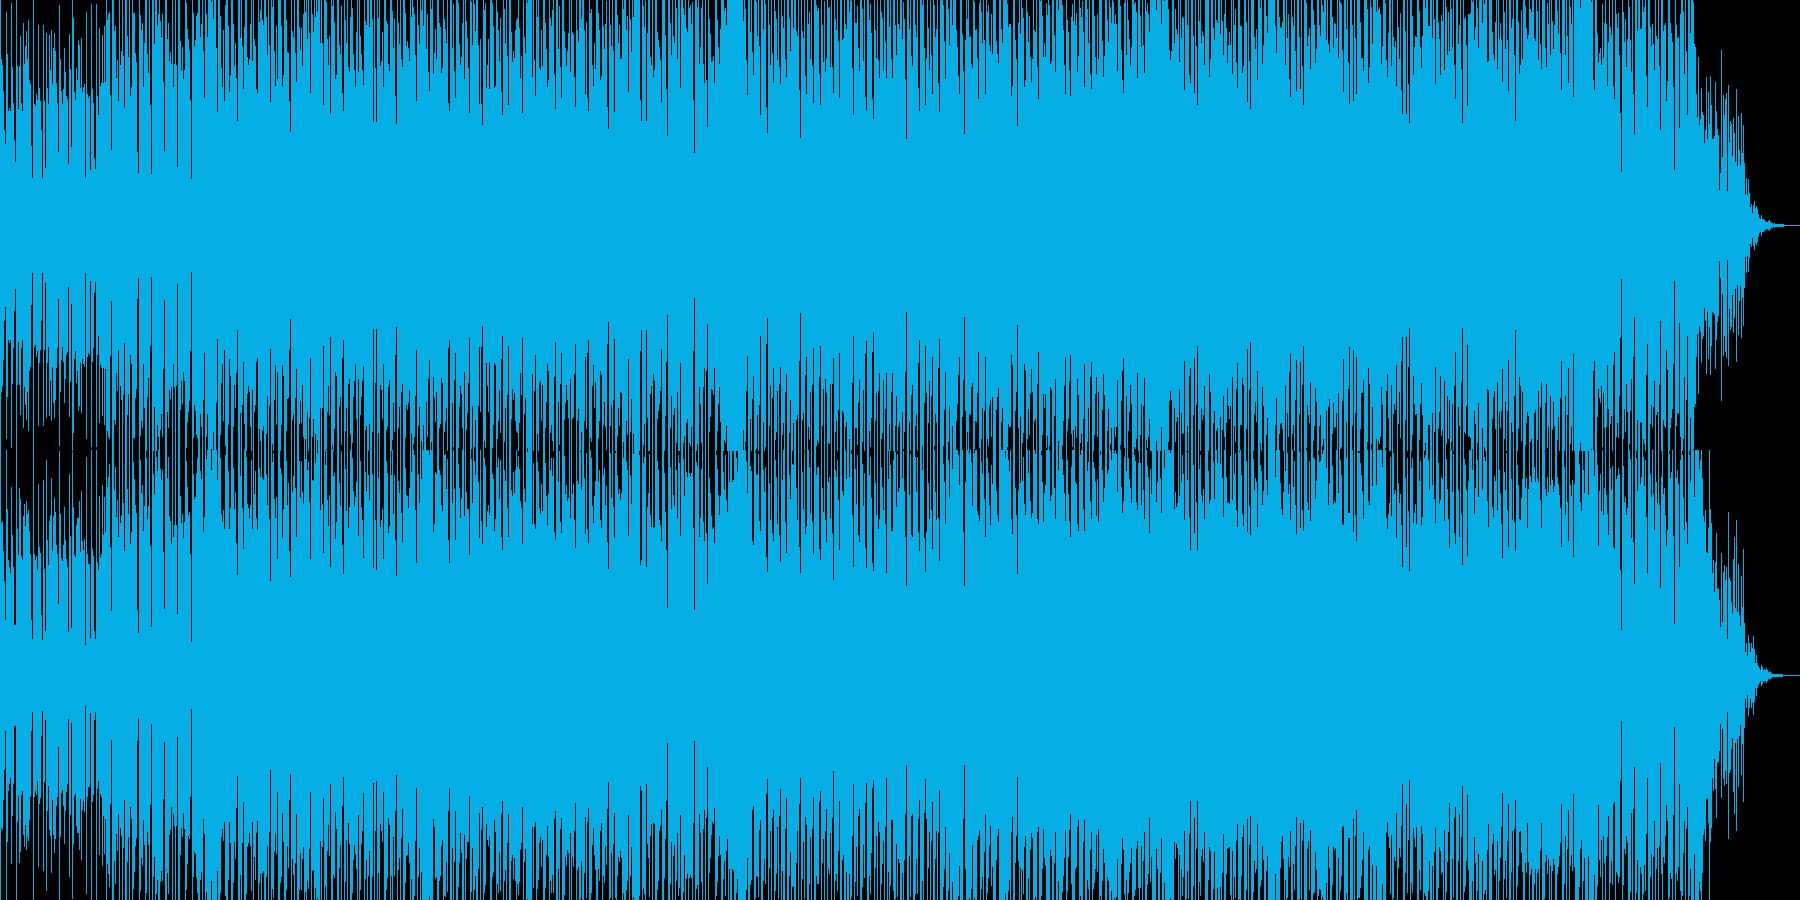 リズムが印象的なエレクトロテクノの再生済みの波形